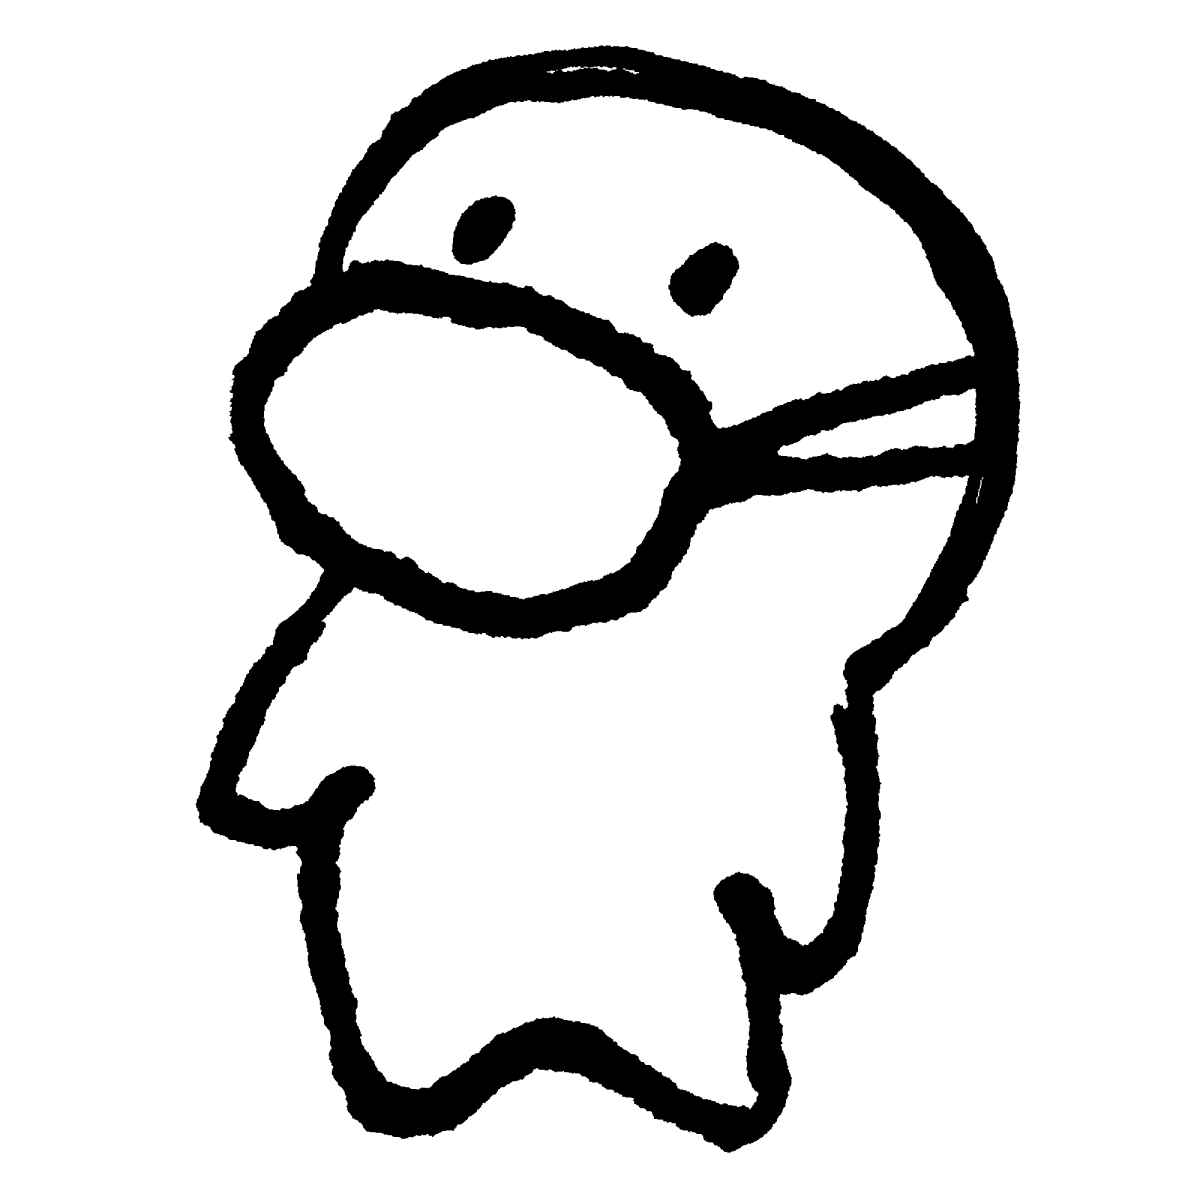 マスクをつける1のイラスト / Wearing a Mask1 Illustration